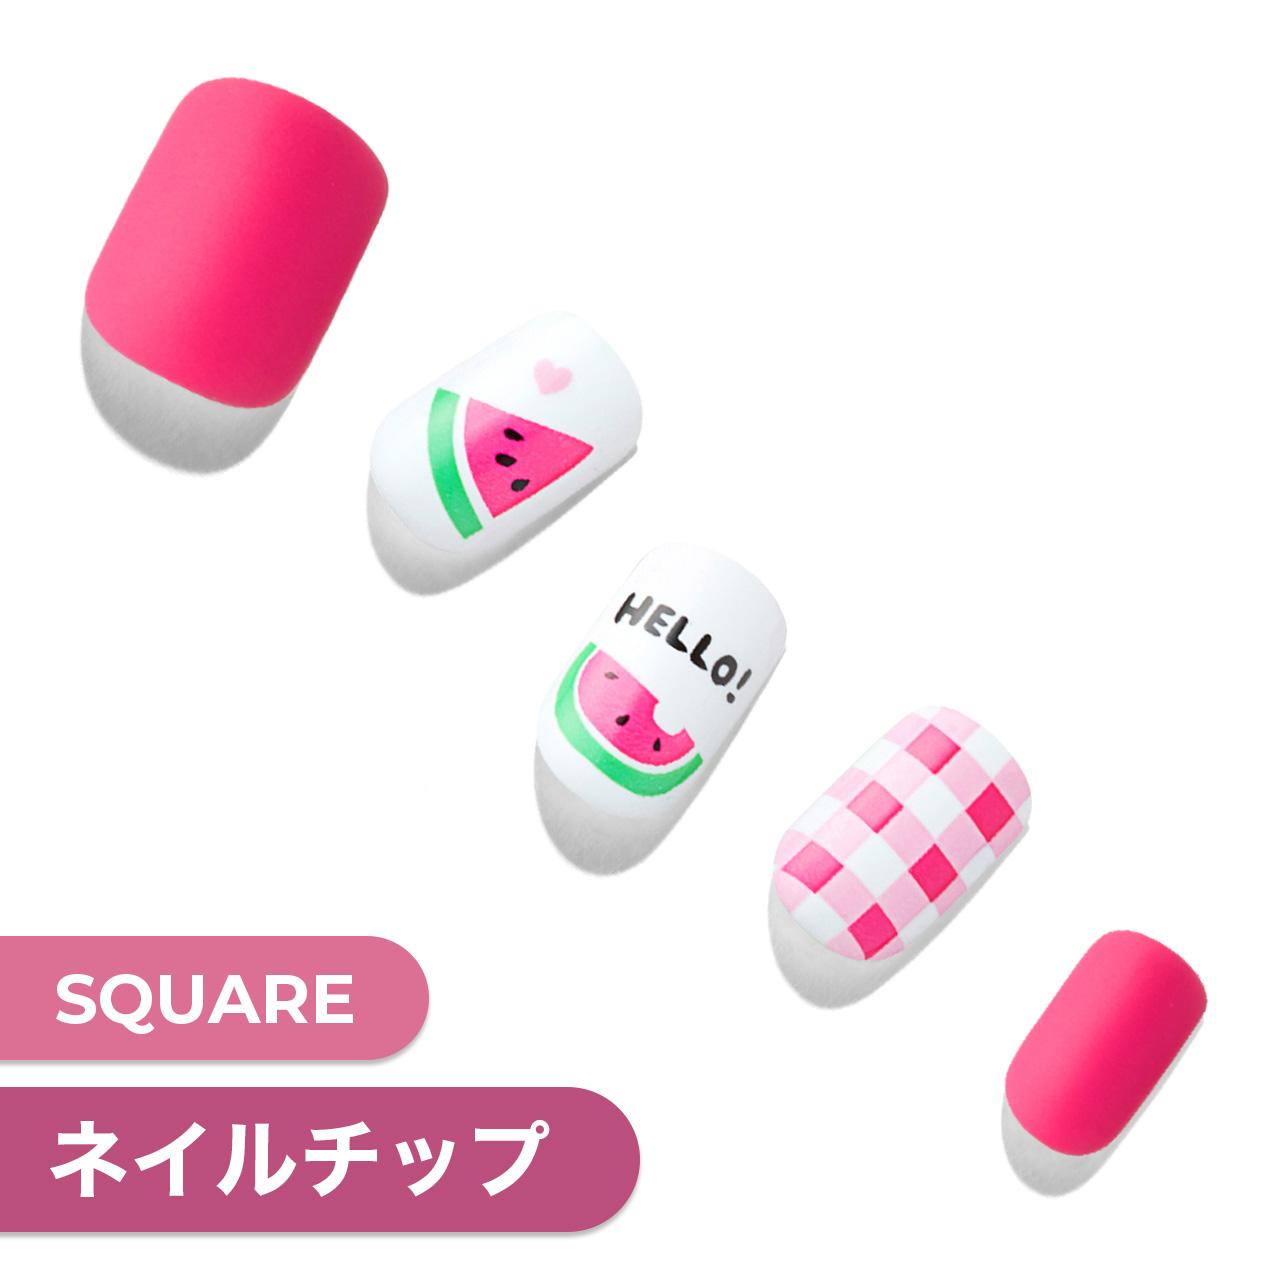 【Hello Watermelon】ダッシングディバマジックプレス